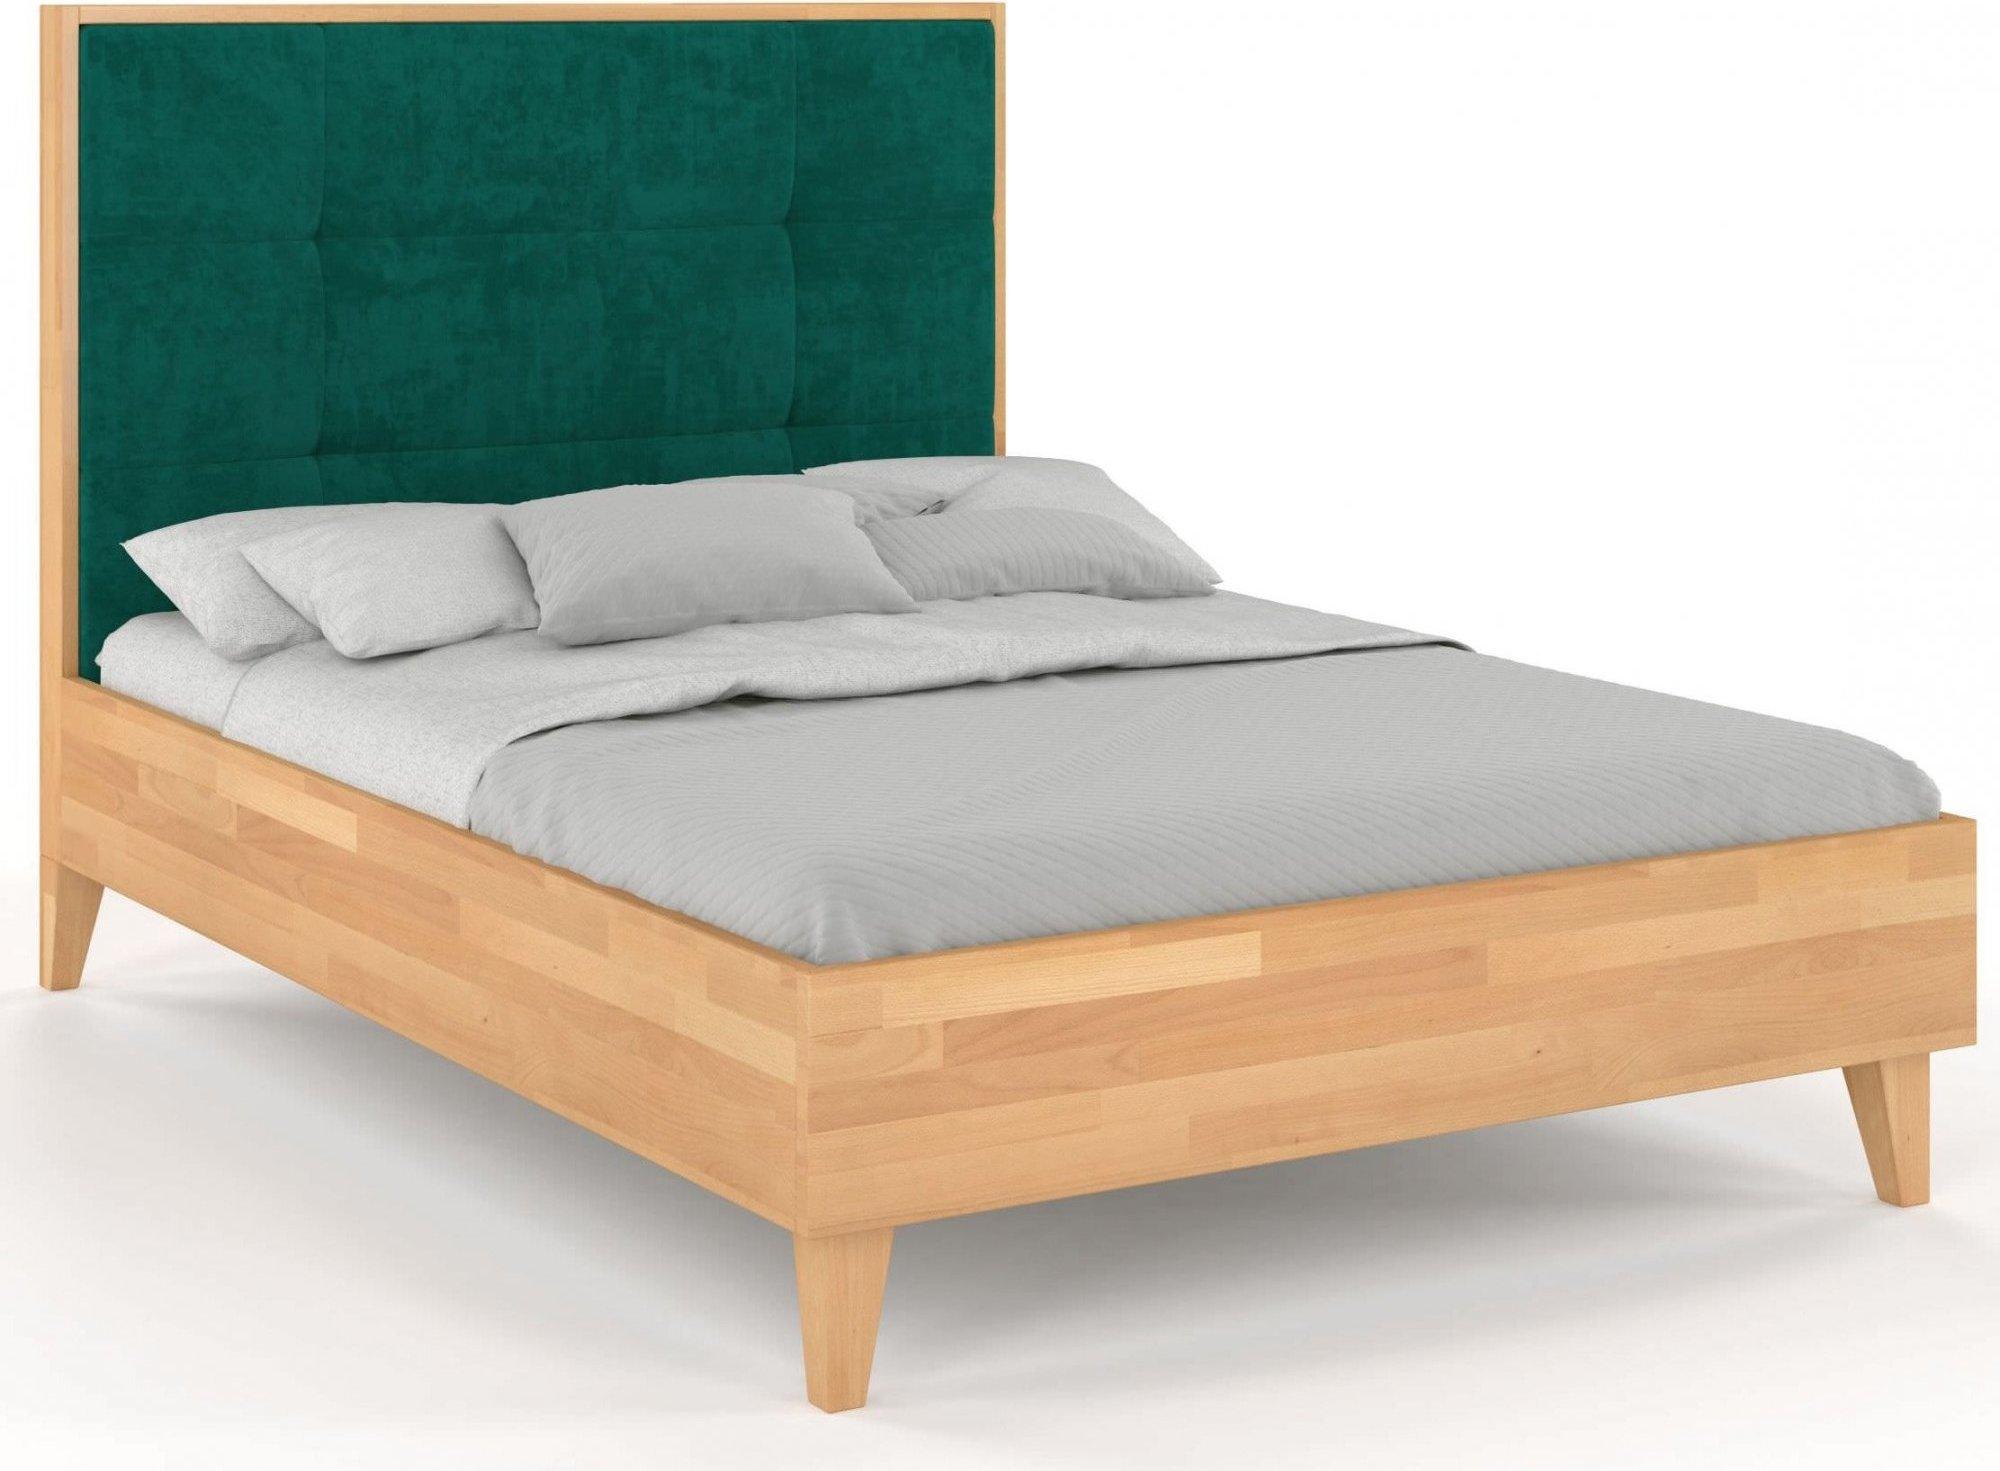 Lit avec tête de lit sommier hêtre massif vert 200x200cm